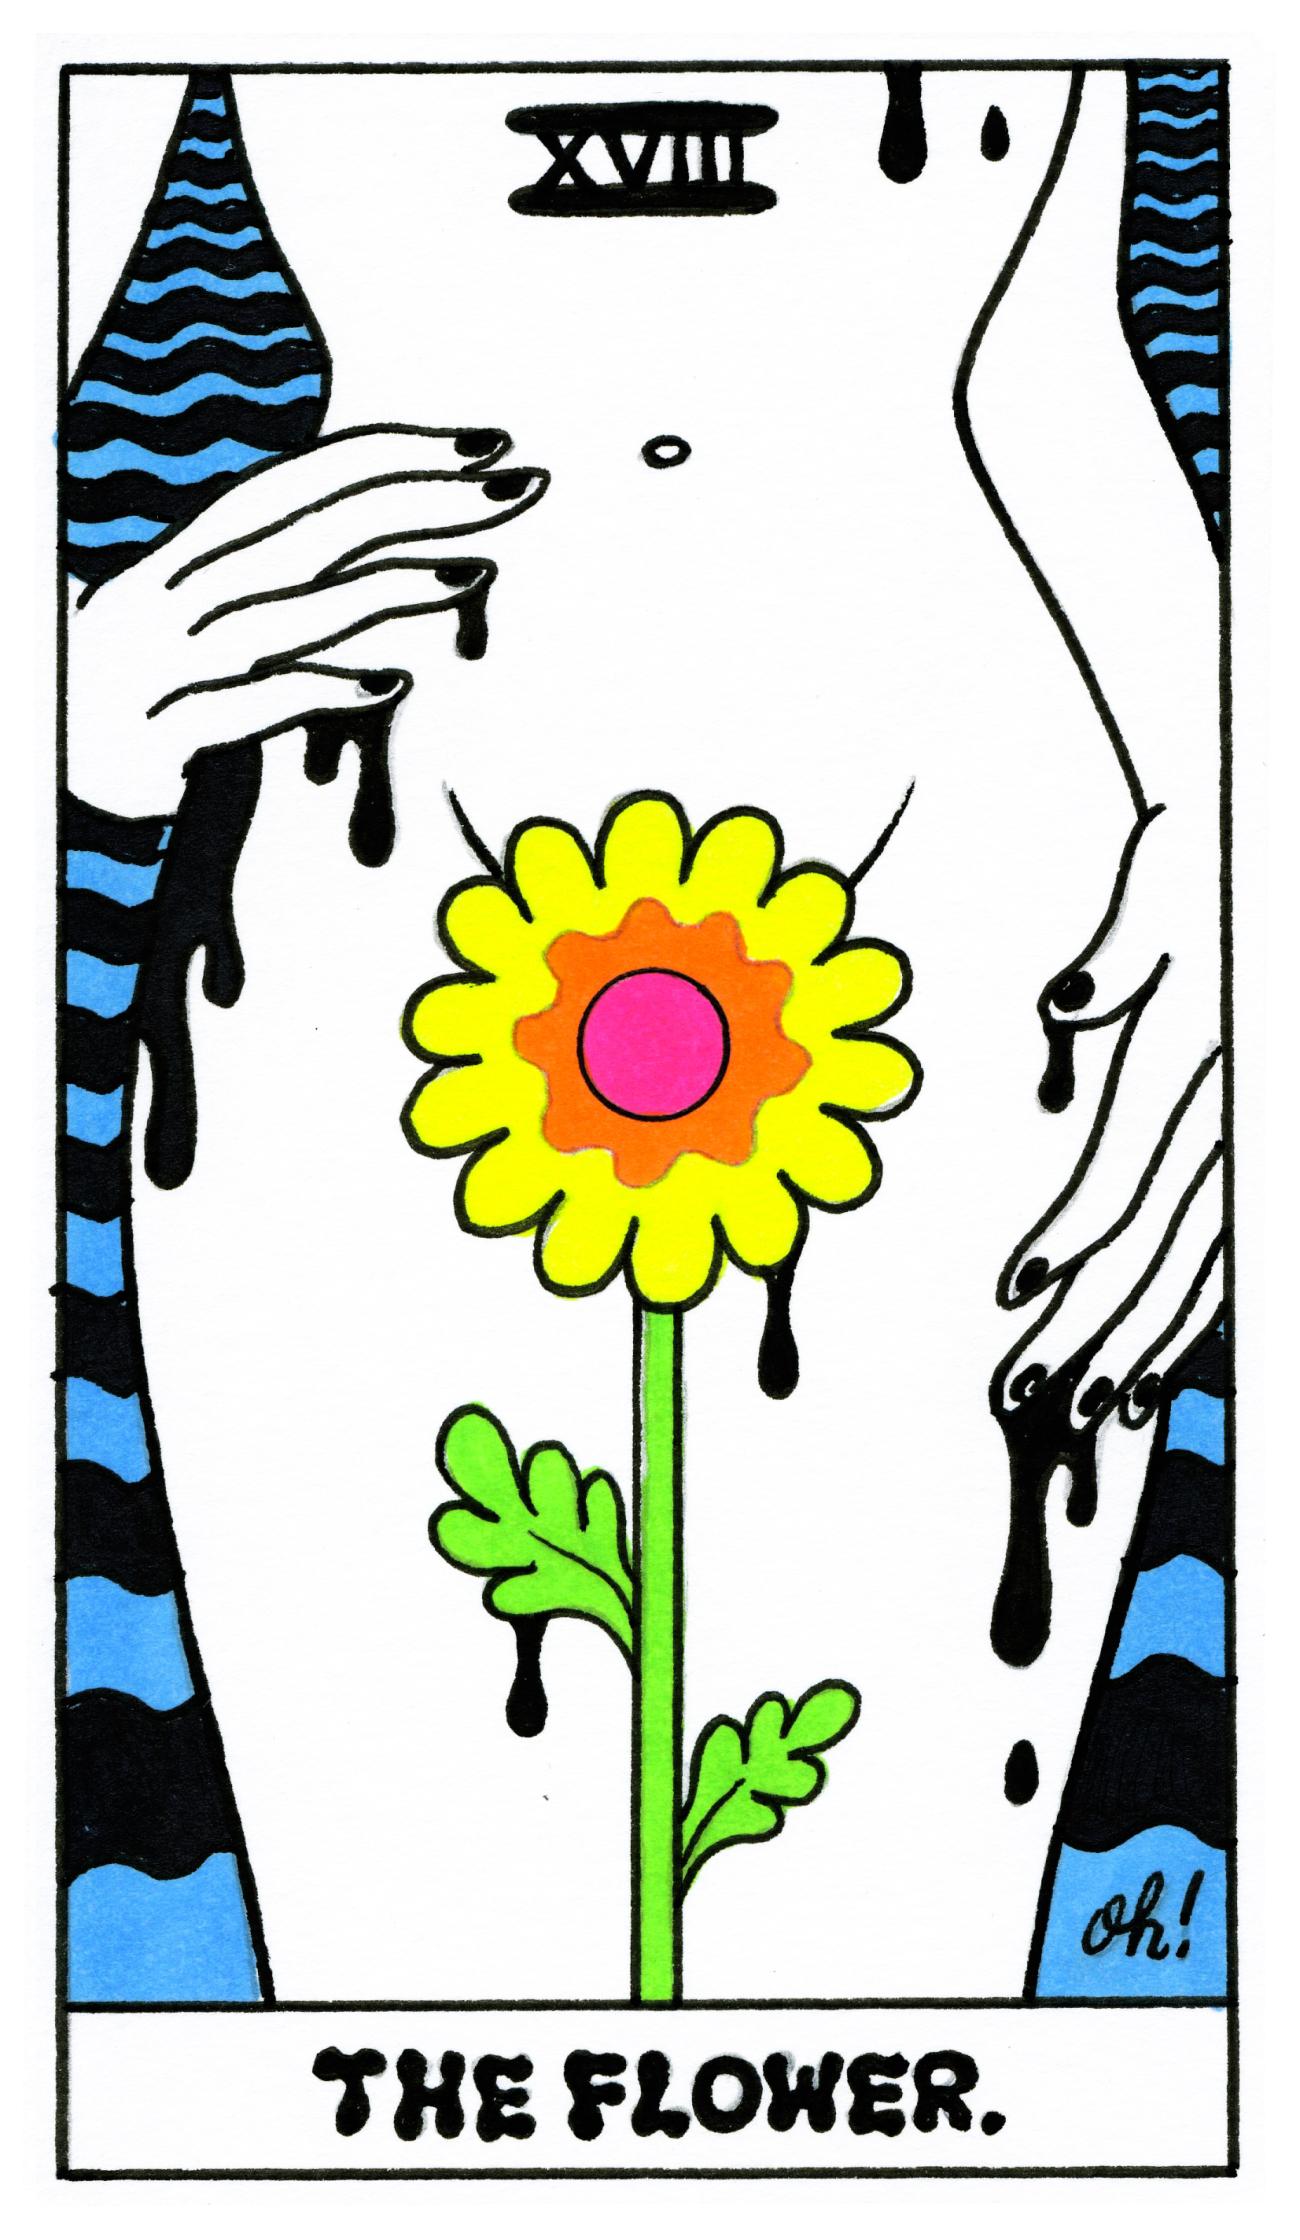 18_THE_FLOWER.jpg